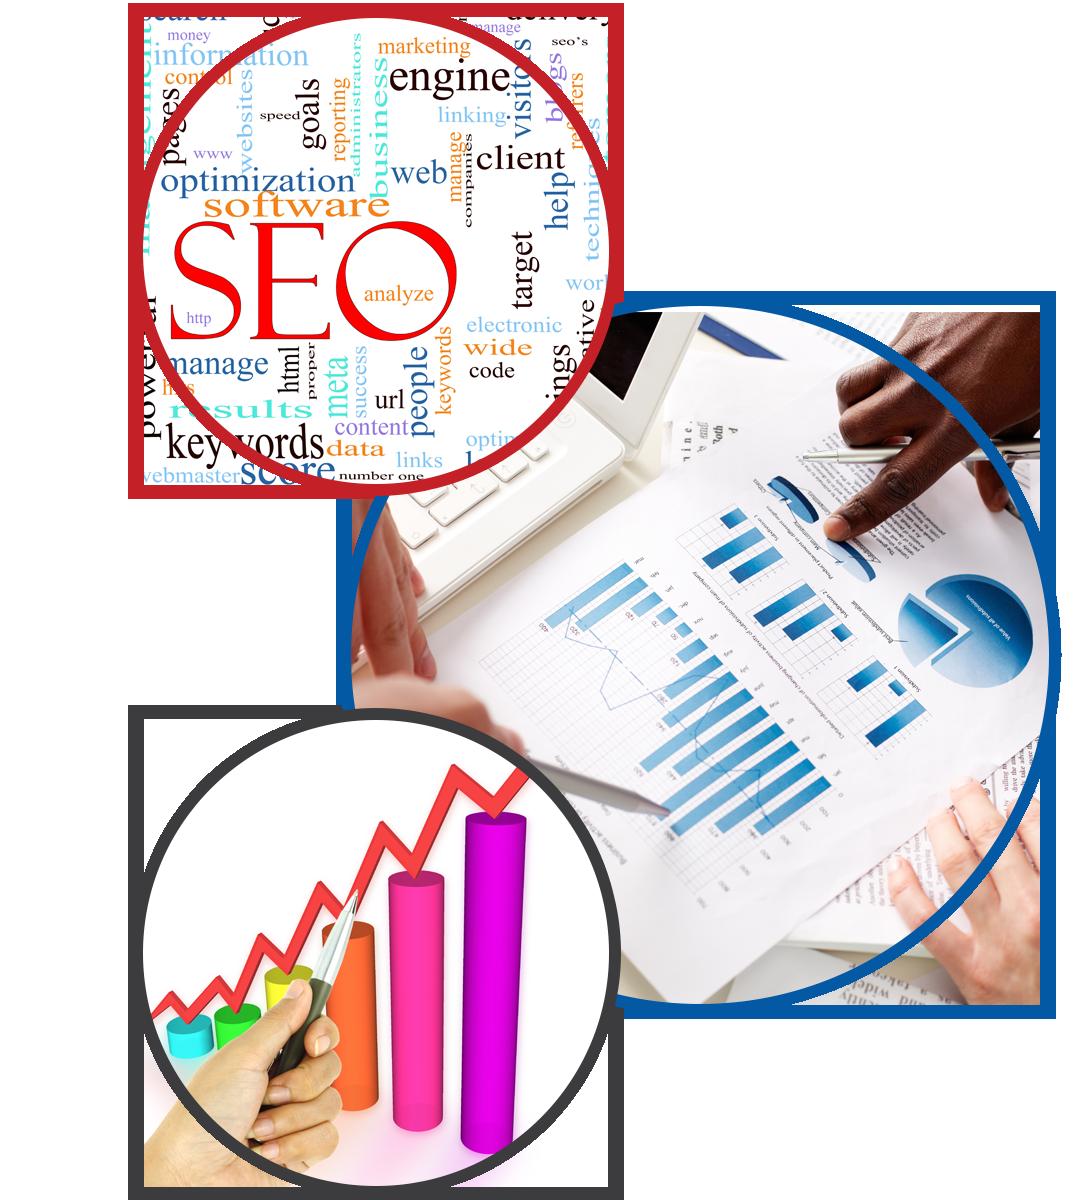 Search Engine Marketing & Optimization